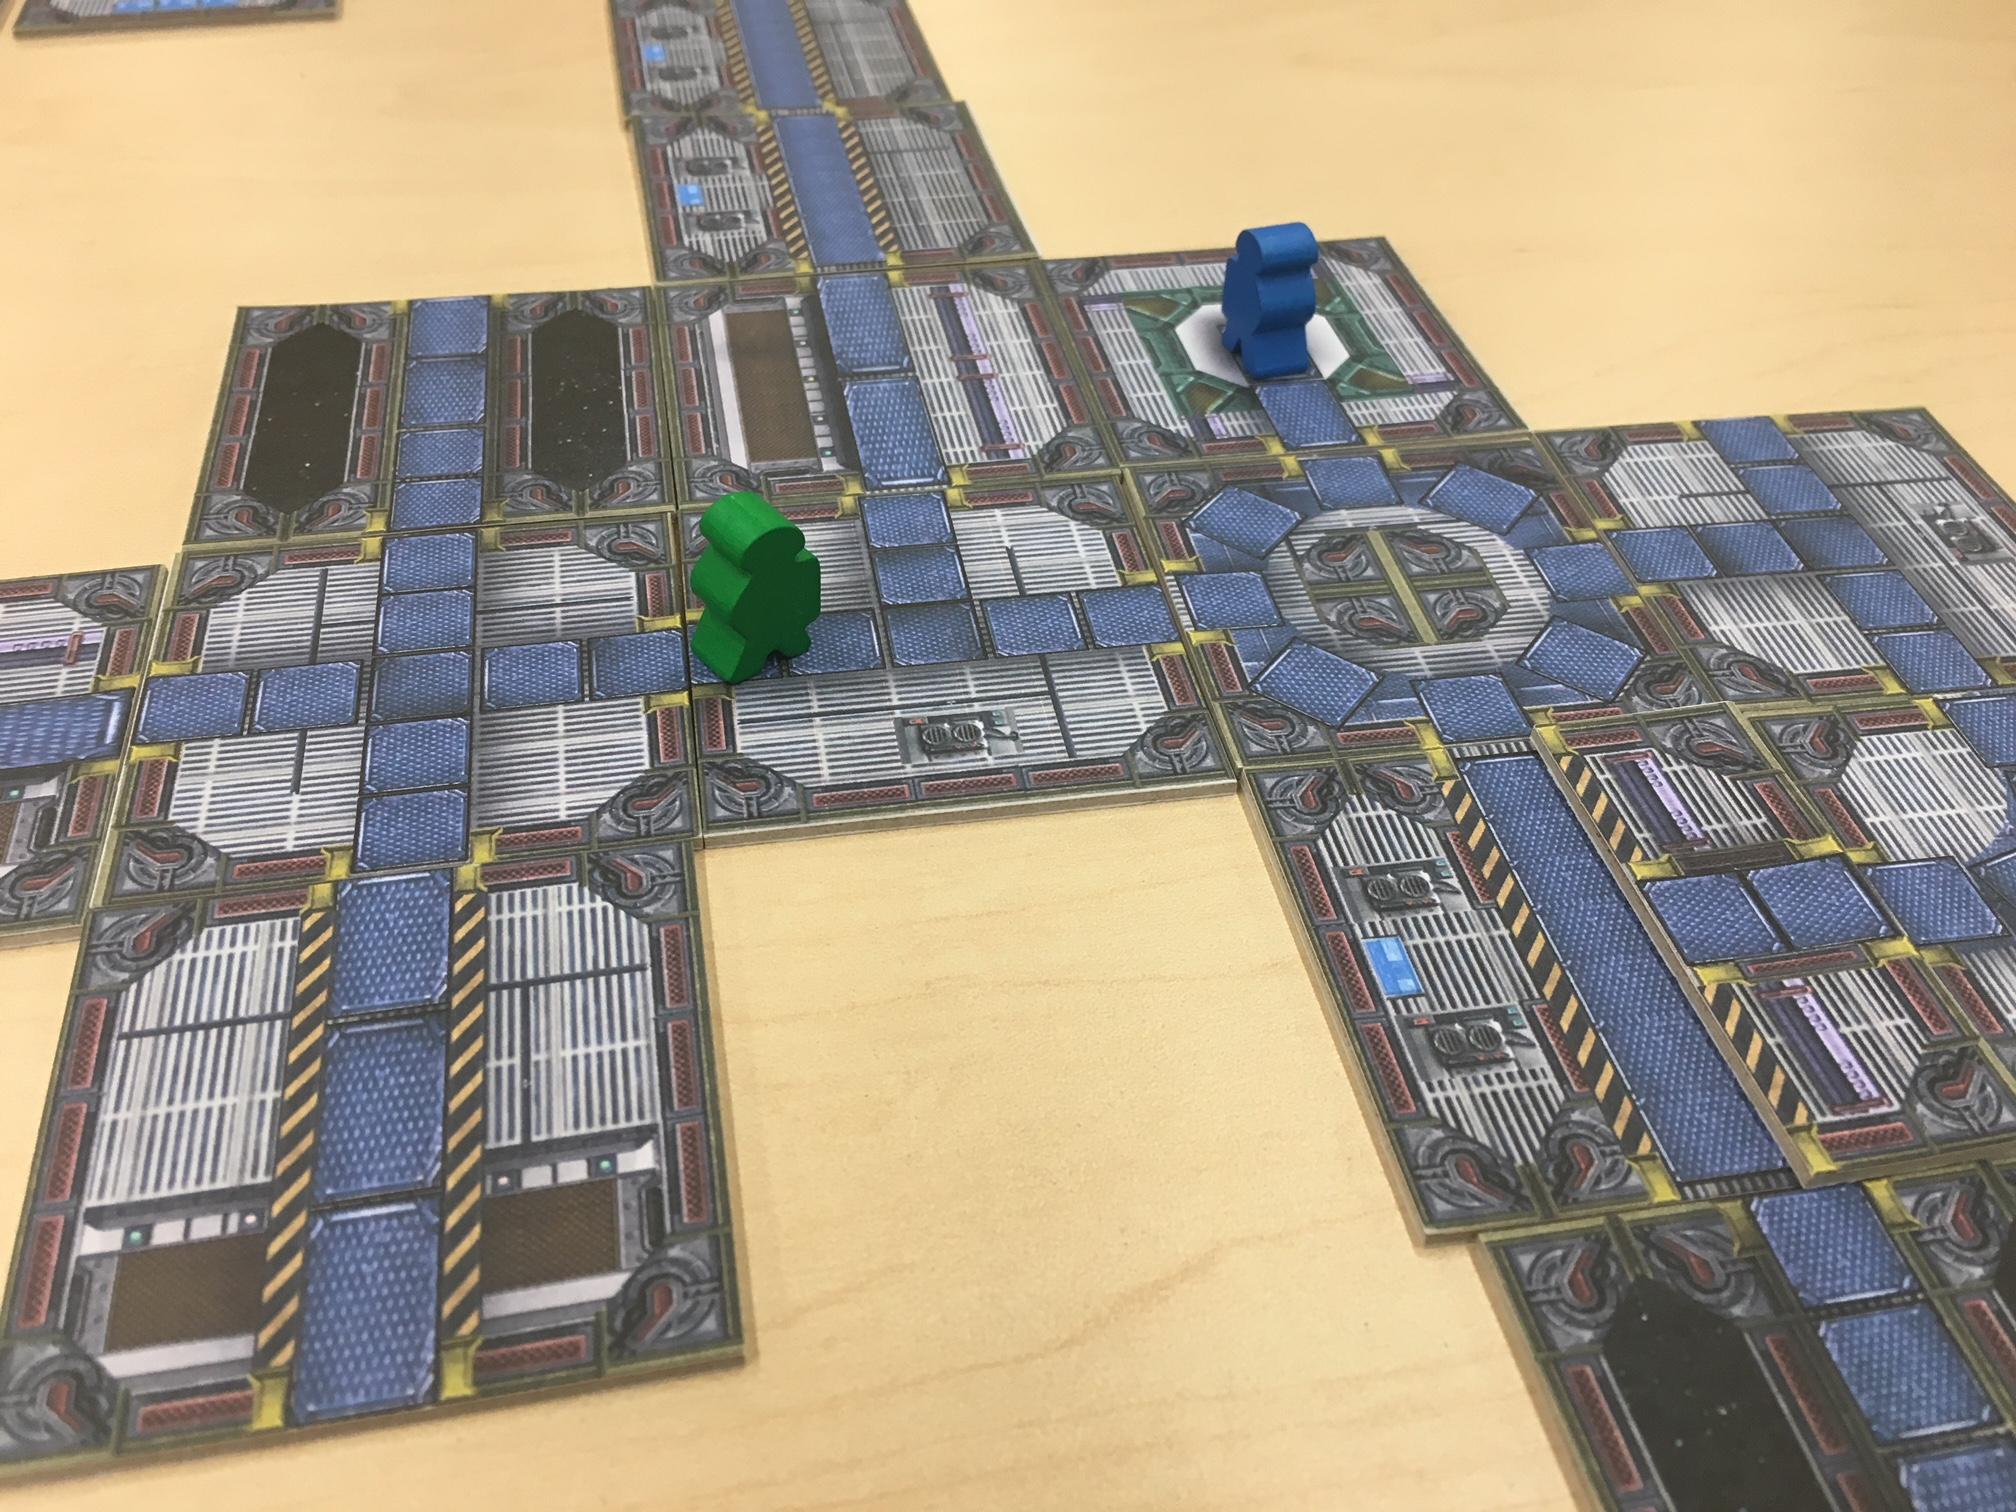 No Escape tabletop game